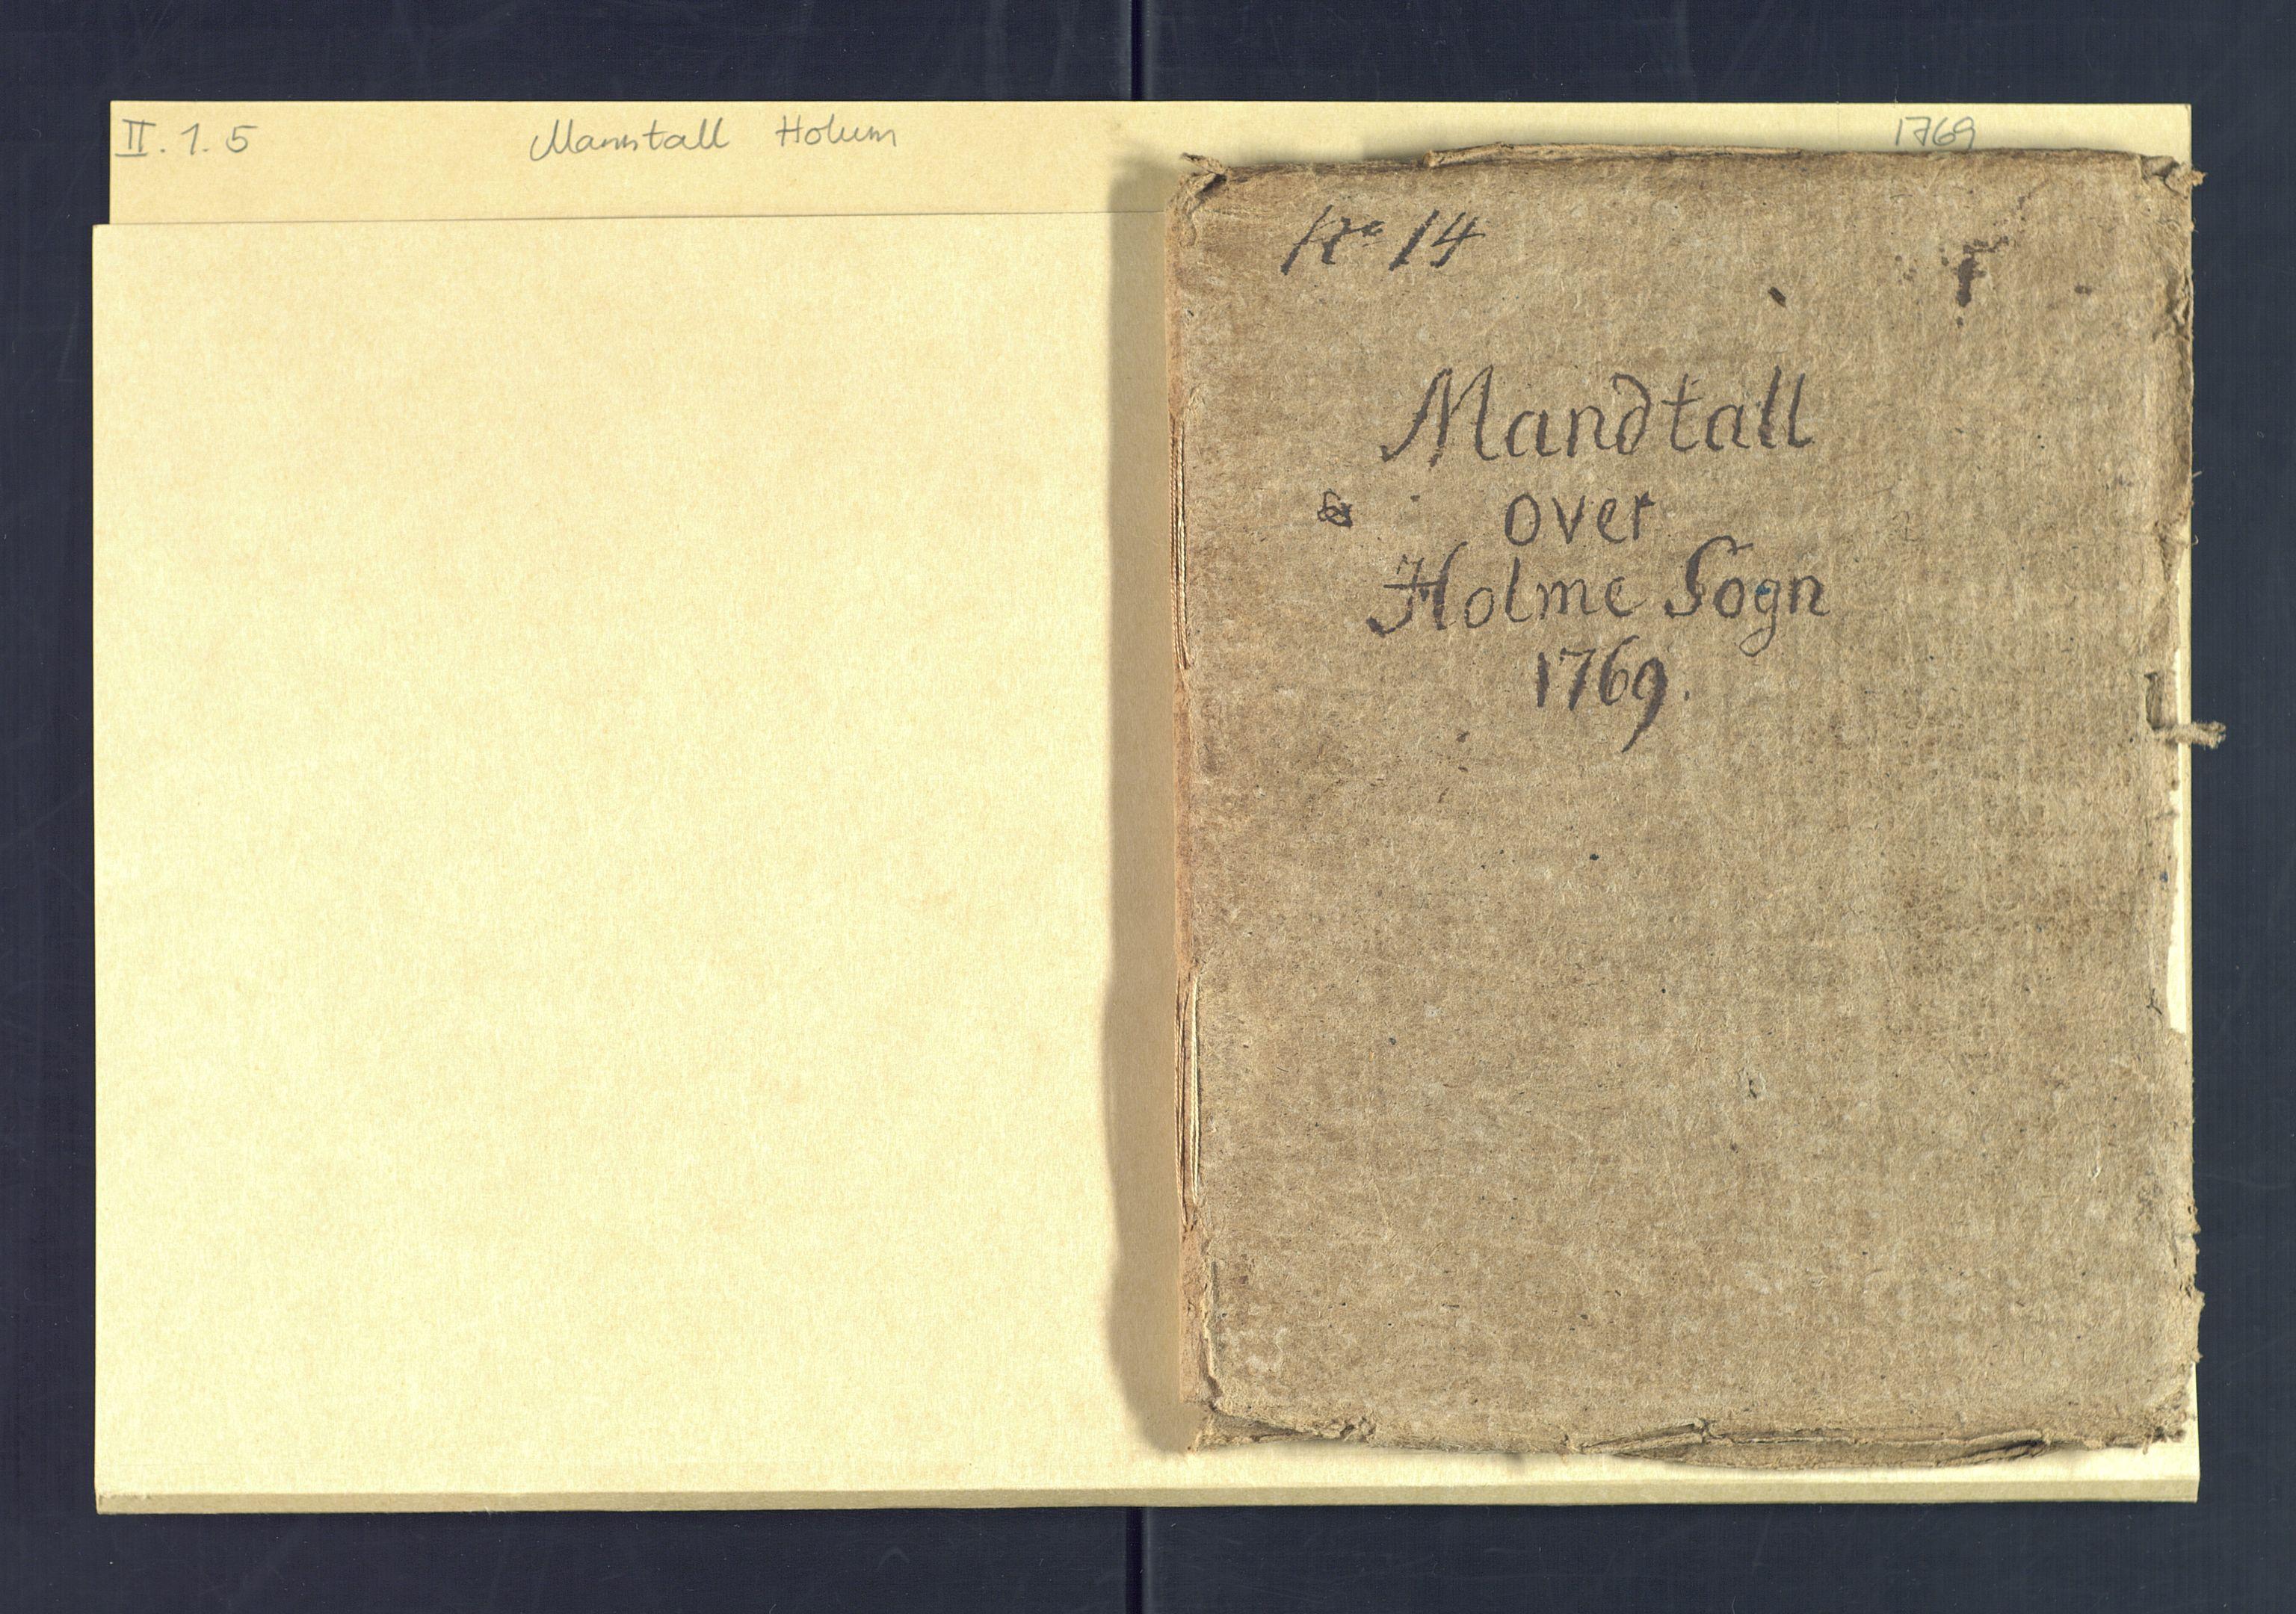 SAK, Holum sokneprestkontor, Andre øvrighetsfunksjoner, no. 5: Census for Holum local parish 1769, 1769-1771, p. 1